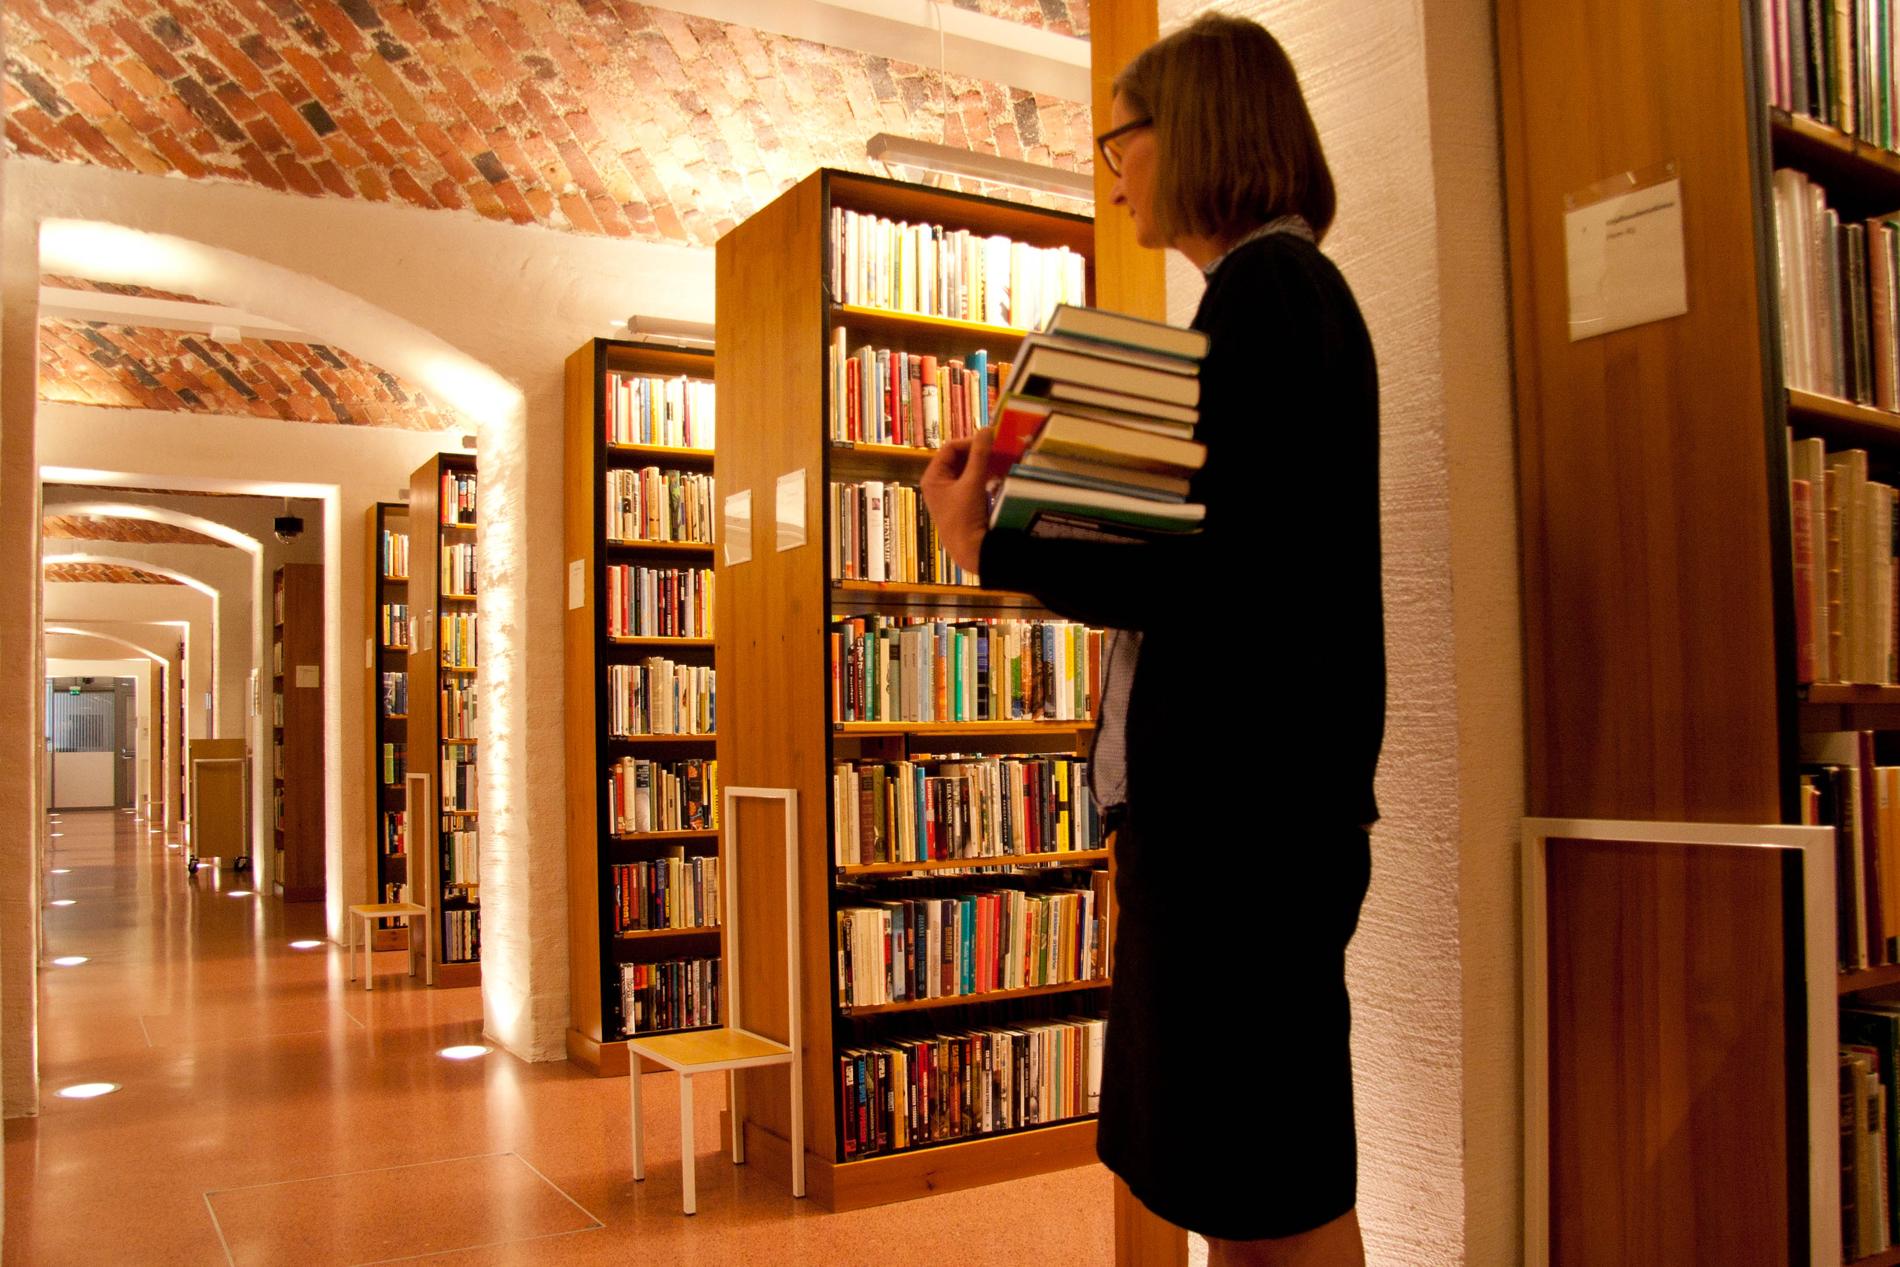 Kulttuurien tutkimuksen ja kirjallisuudentutkimuksen avokokoelmat sijaitsevat kirjaston pohjakerroksessa. SKS KIA. Kuvaaja: Milla Eräsaari.